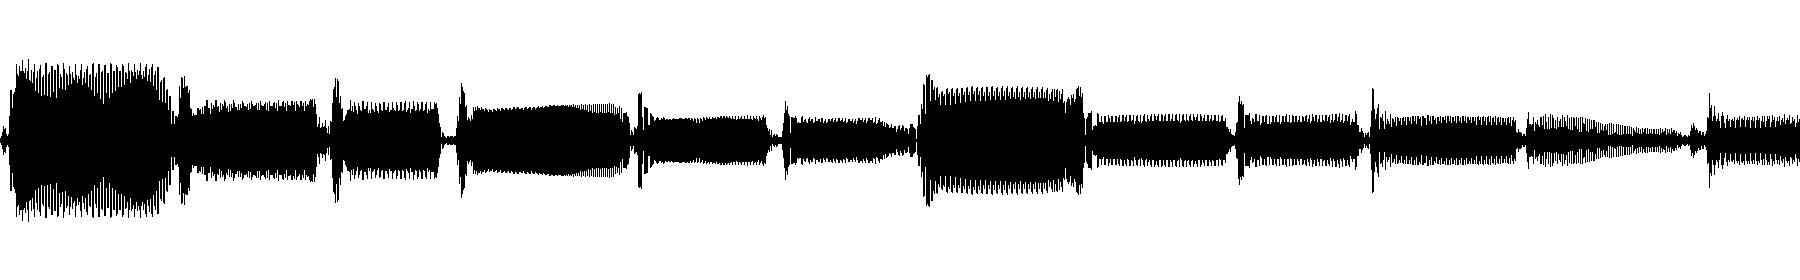 blbc jazzyripper 130 e